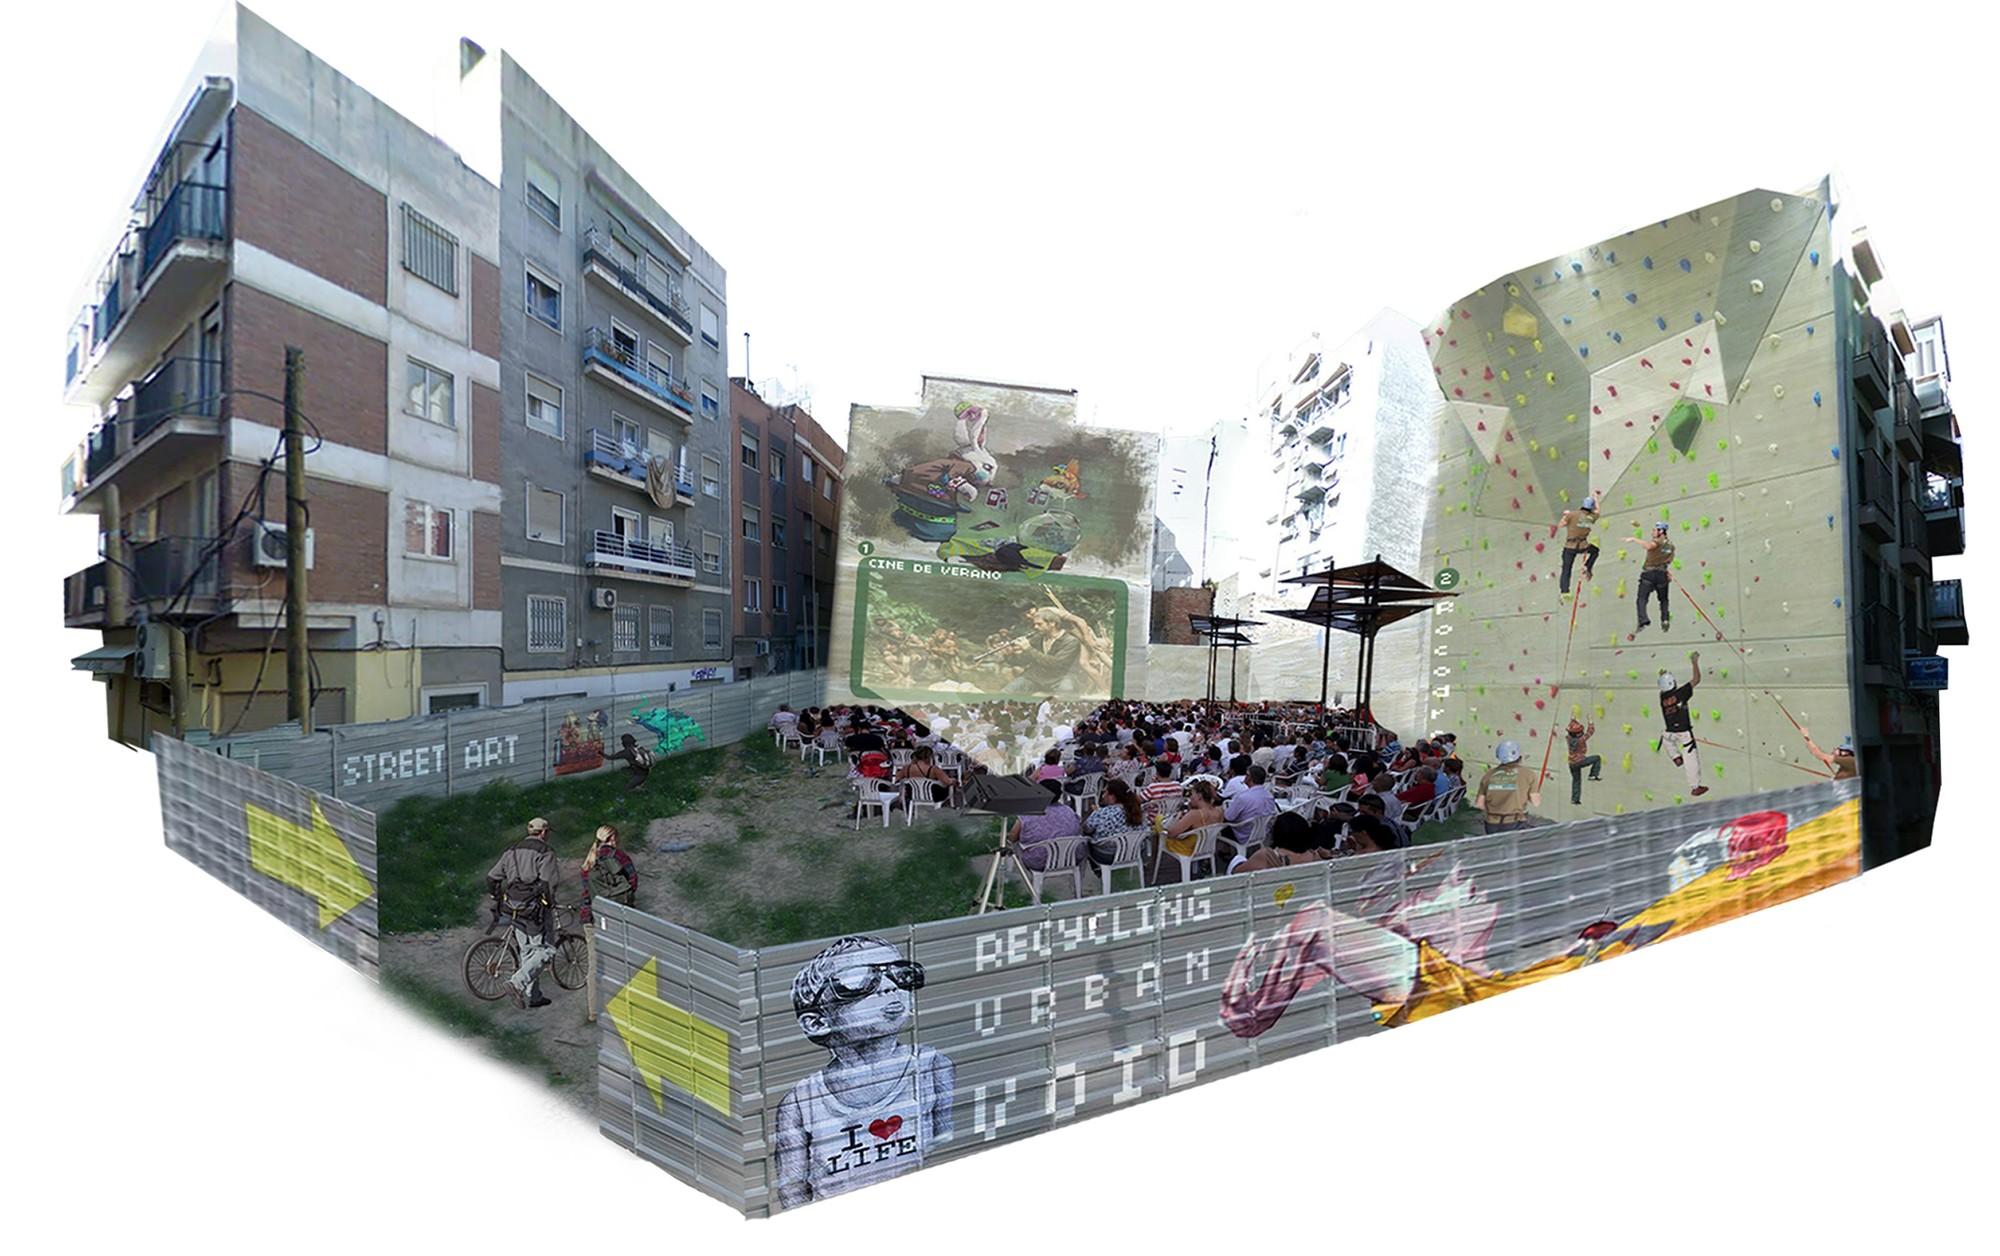 Proposta para recuperar vazios urbanos e estimular a reativação econômica em cidades espanholas, Murcia [Depois]. Imagem Cortesia de Aula de Arquitetura Social AAS UCAM